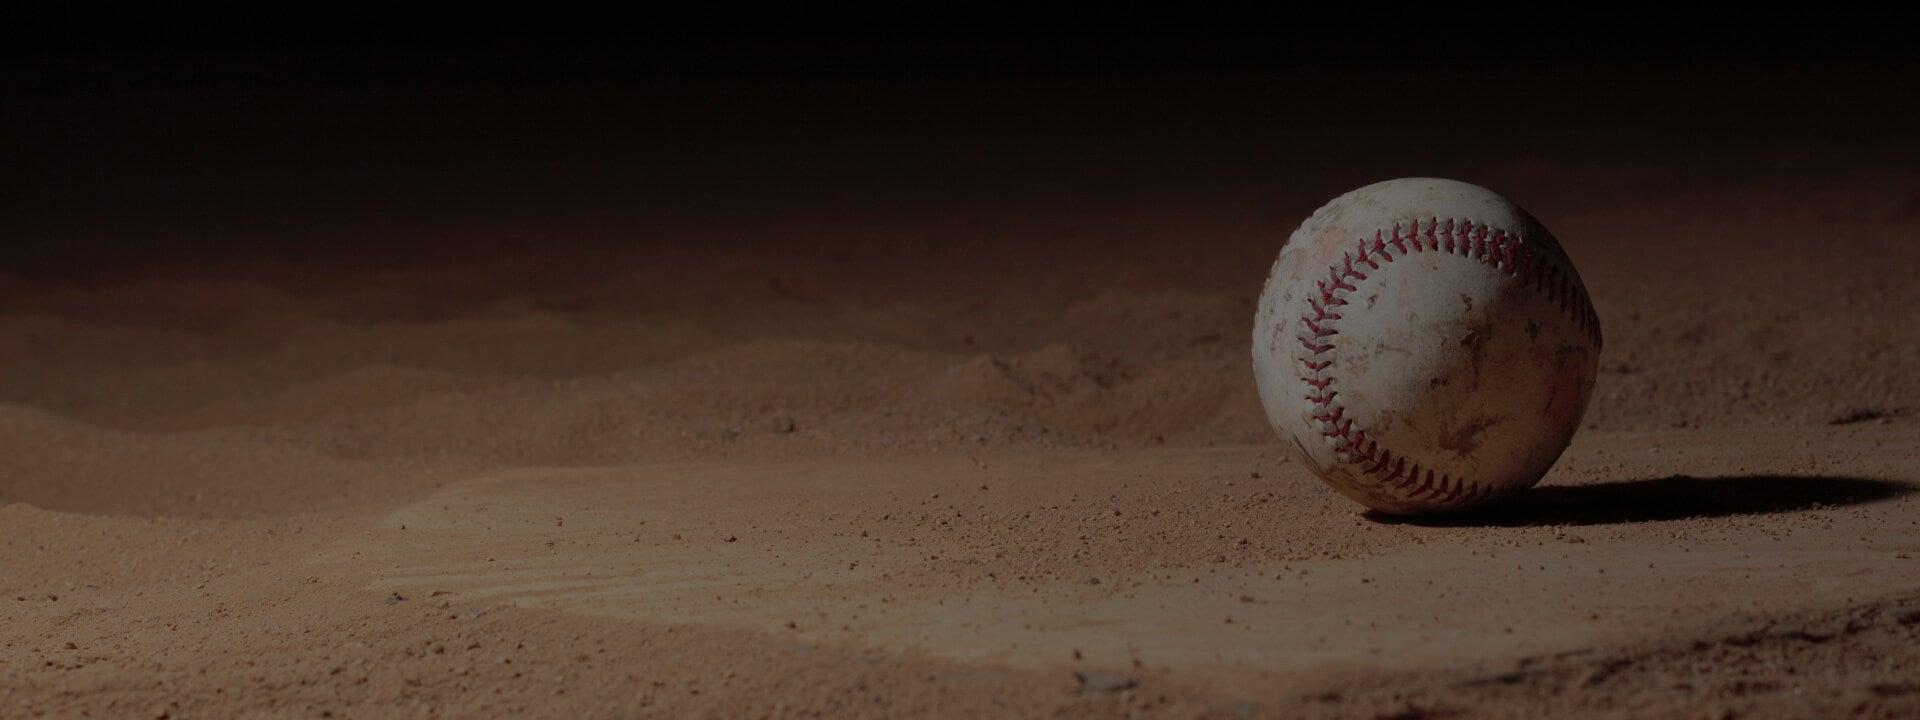 D.R.I.V.E MLB 2020 Background